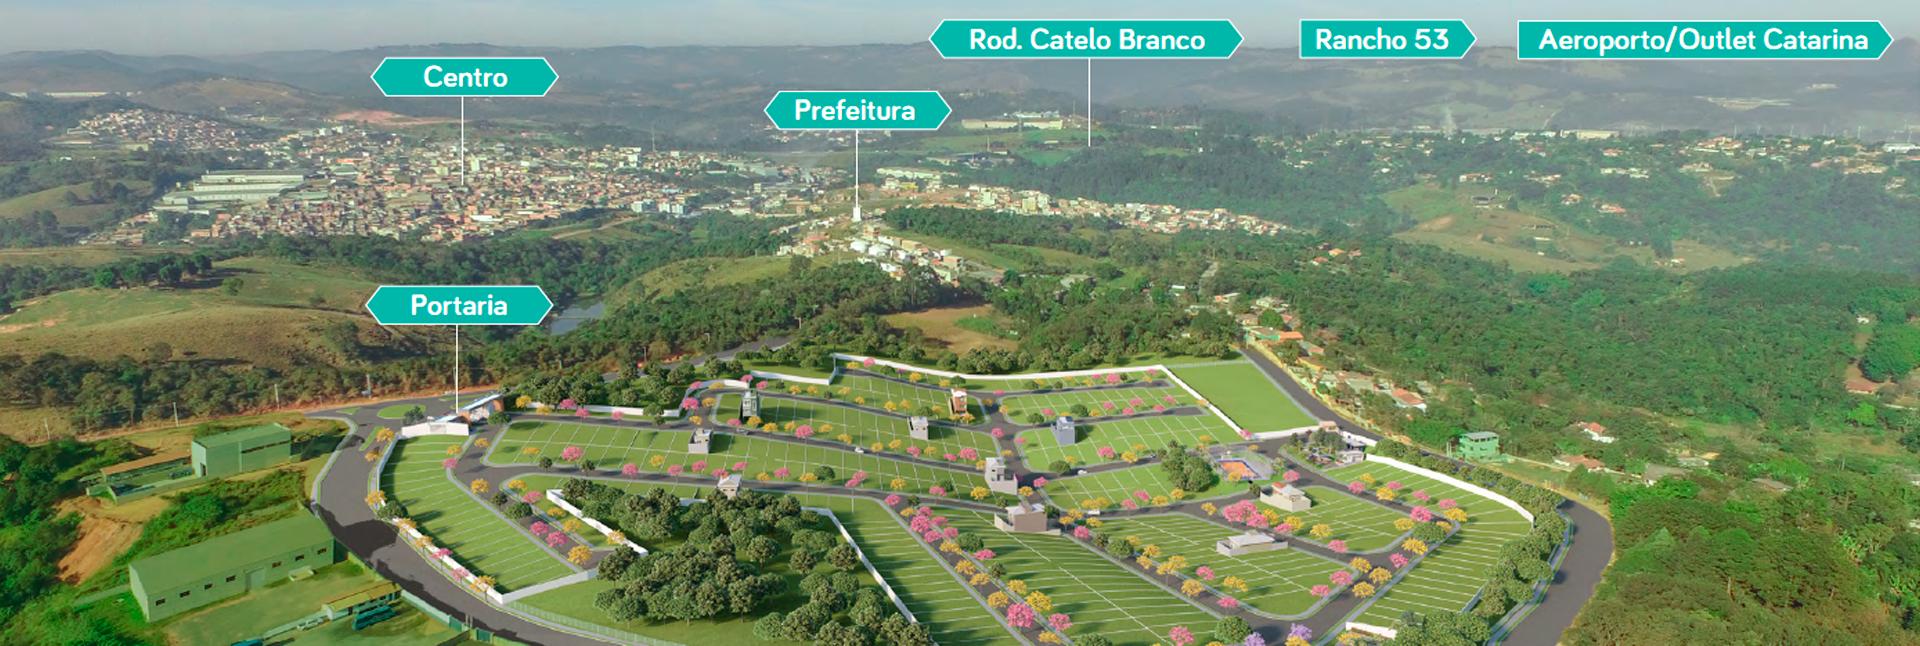 Reserva Araçari - Lotes em Araçariguama SP com projetos InstaCasa